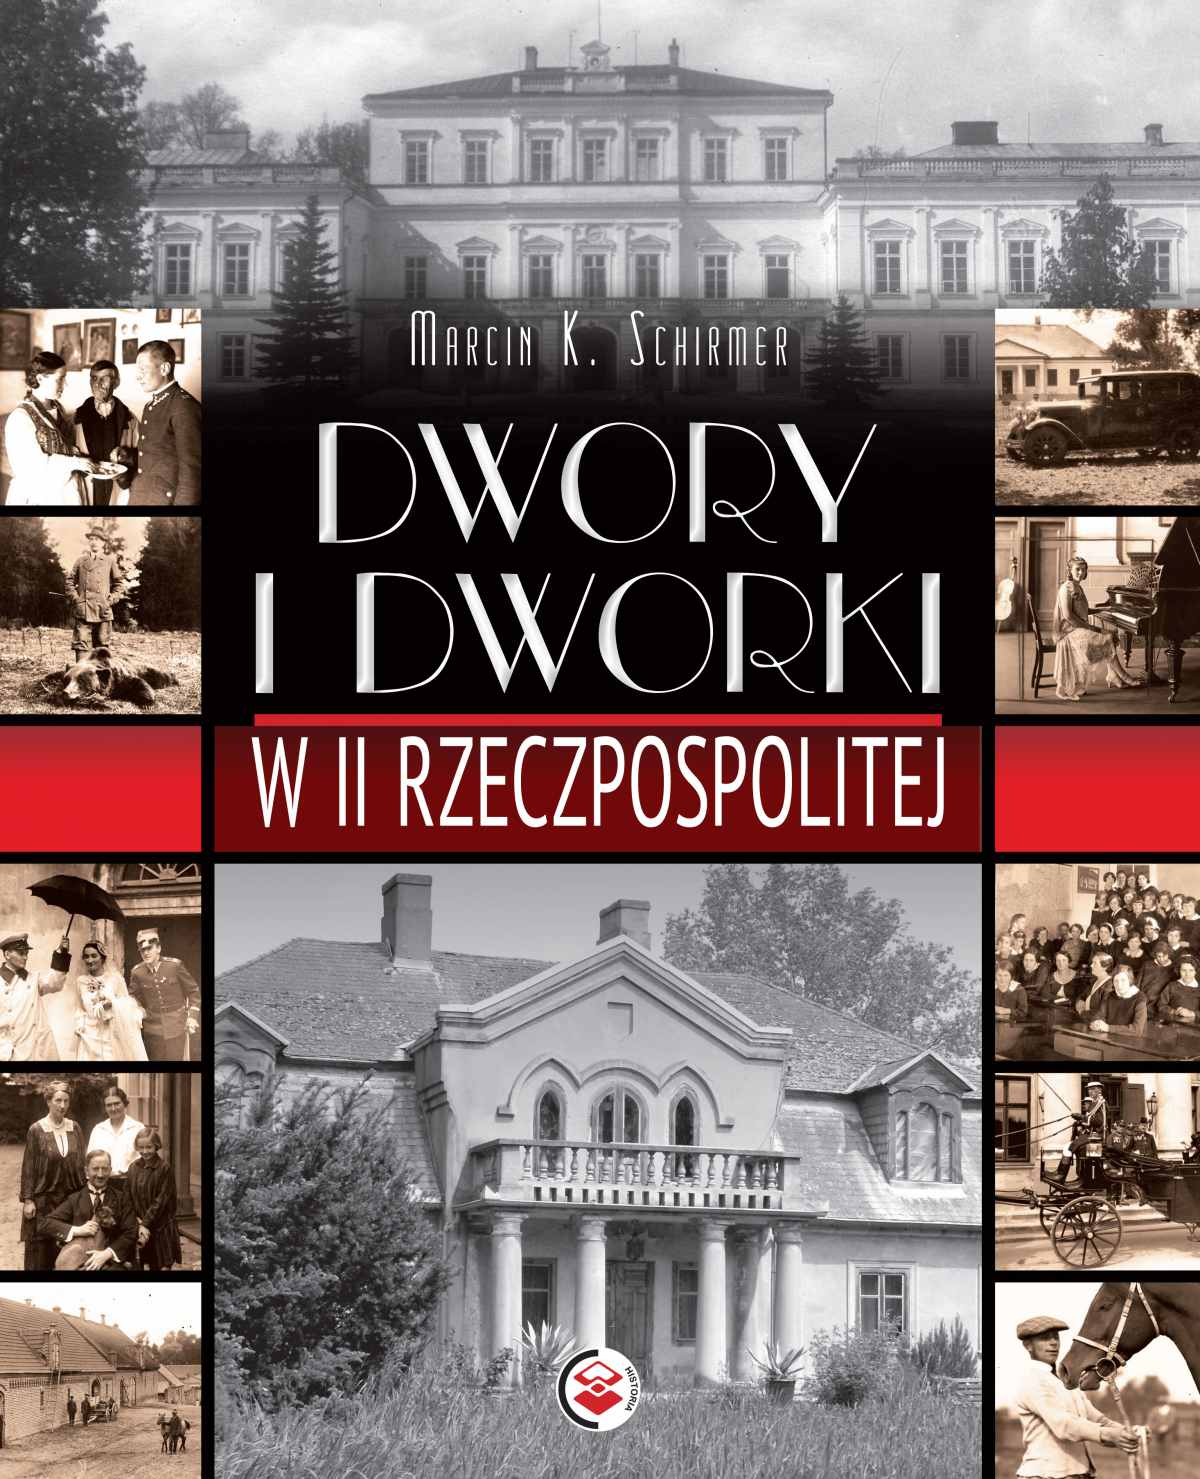 Dwory i dworki w II RP - Ebook (Książka PDF) do pobrania w formacie PDF